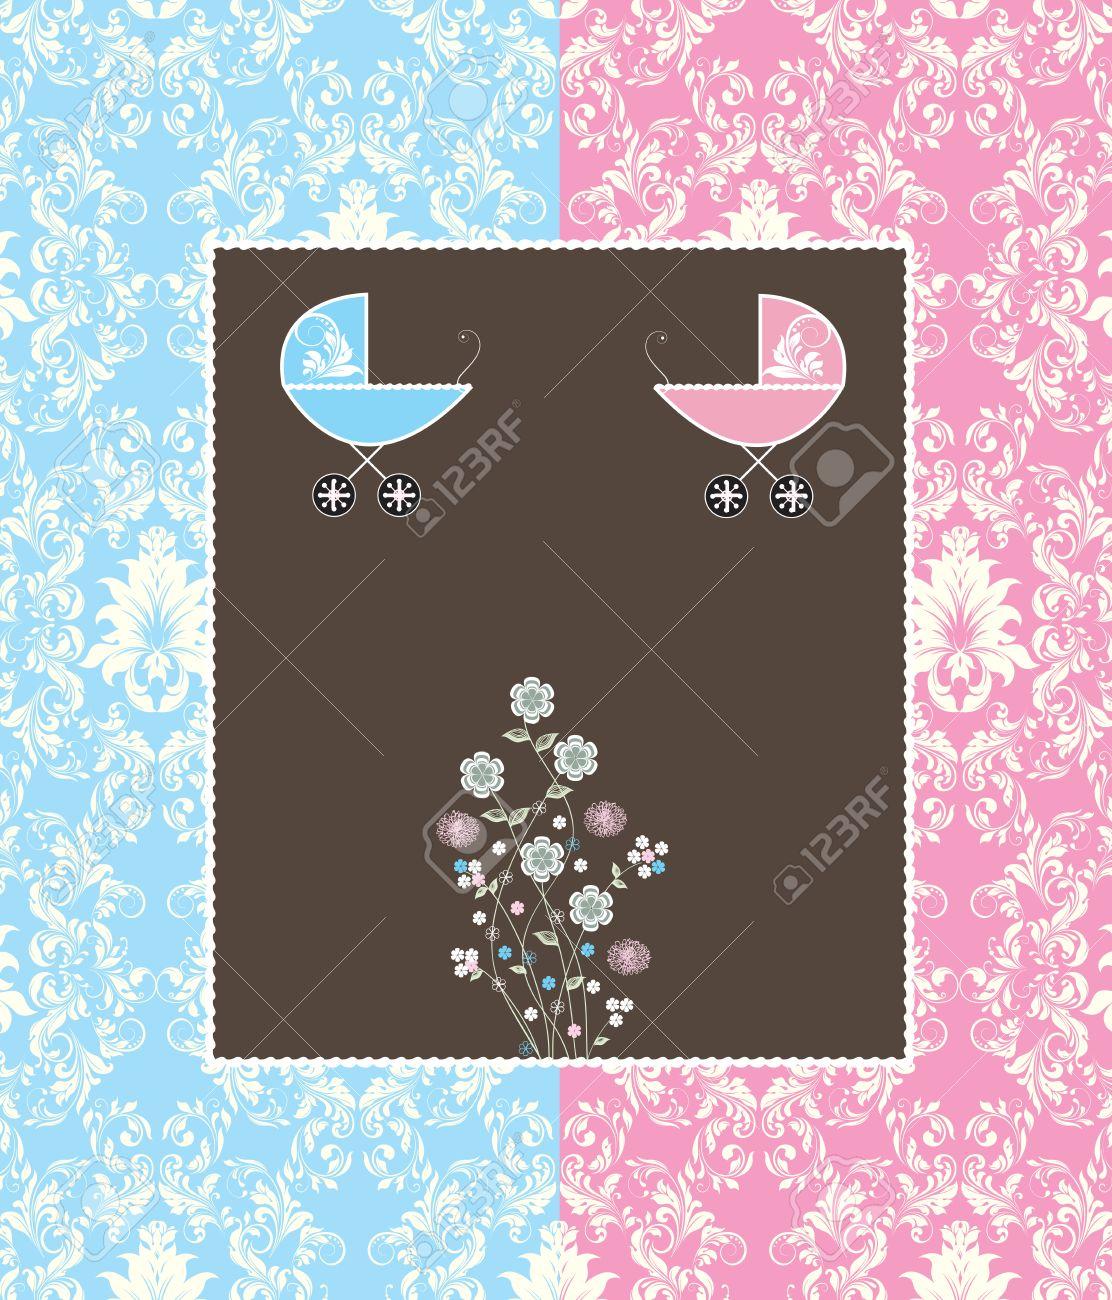 Vintage Tarjeta De Invitación Baby Shower Con Diseño Adornado Elegante Retro Abstracto Floral Azul Claro Y Rosa Con El Carro De Bebé Sobre Fondo